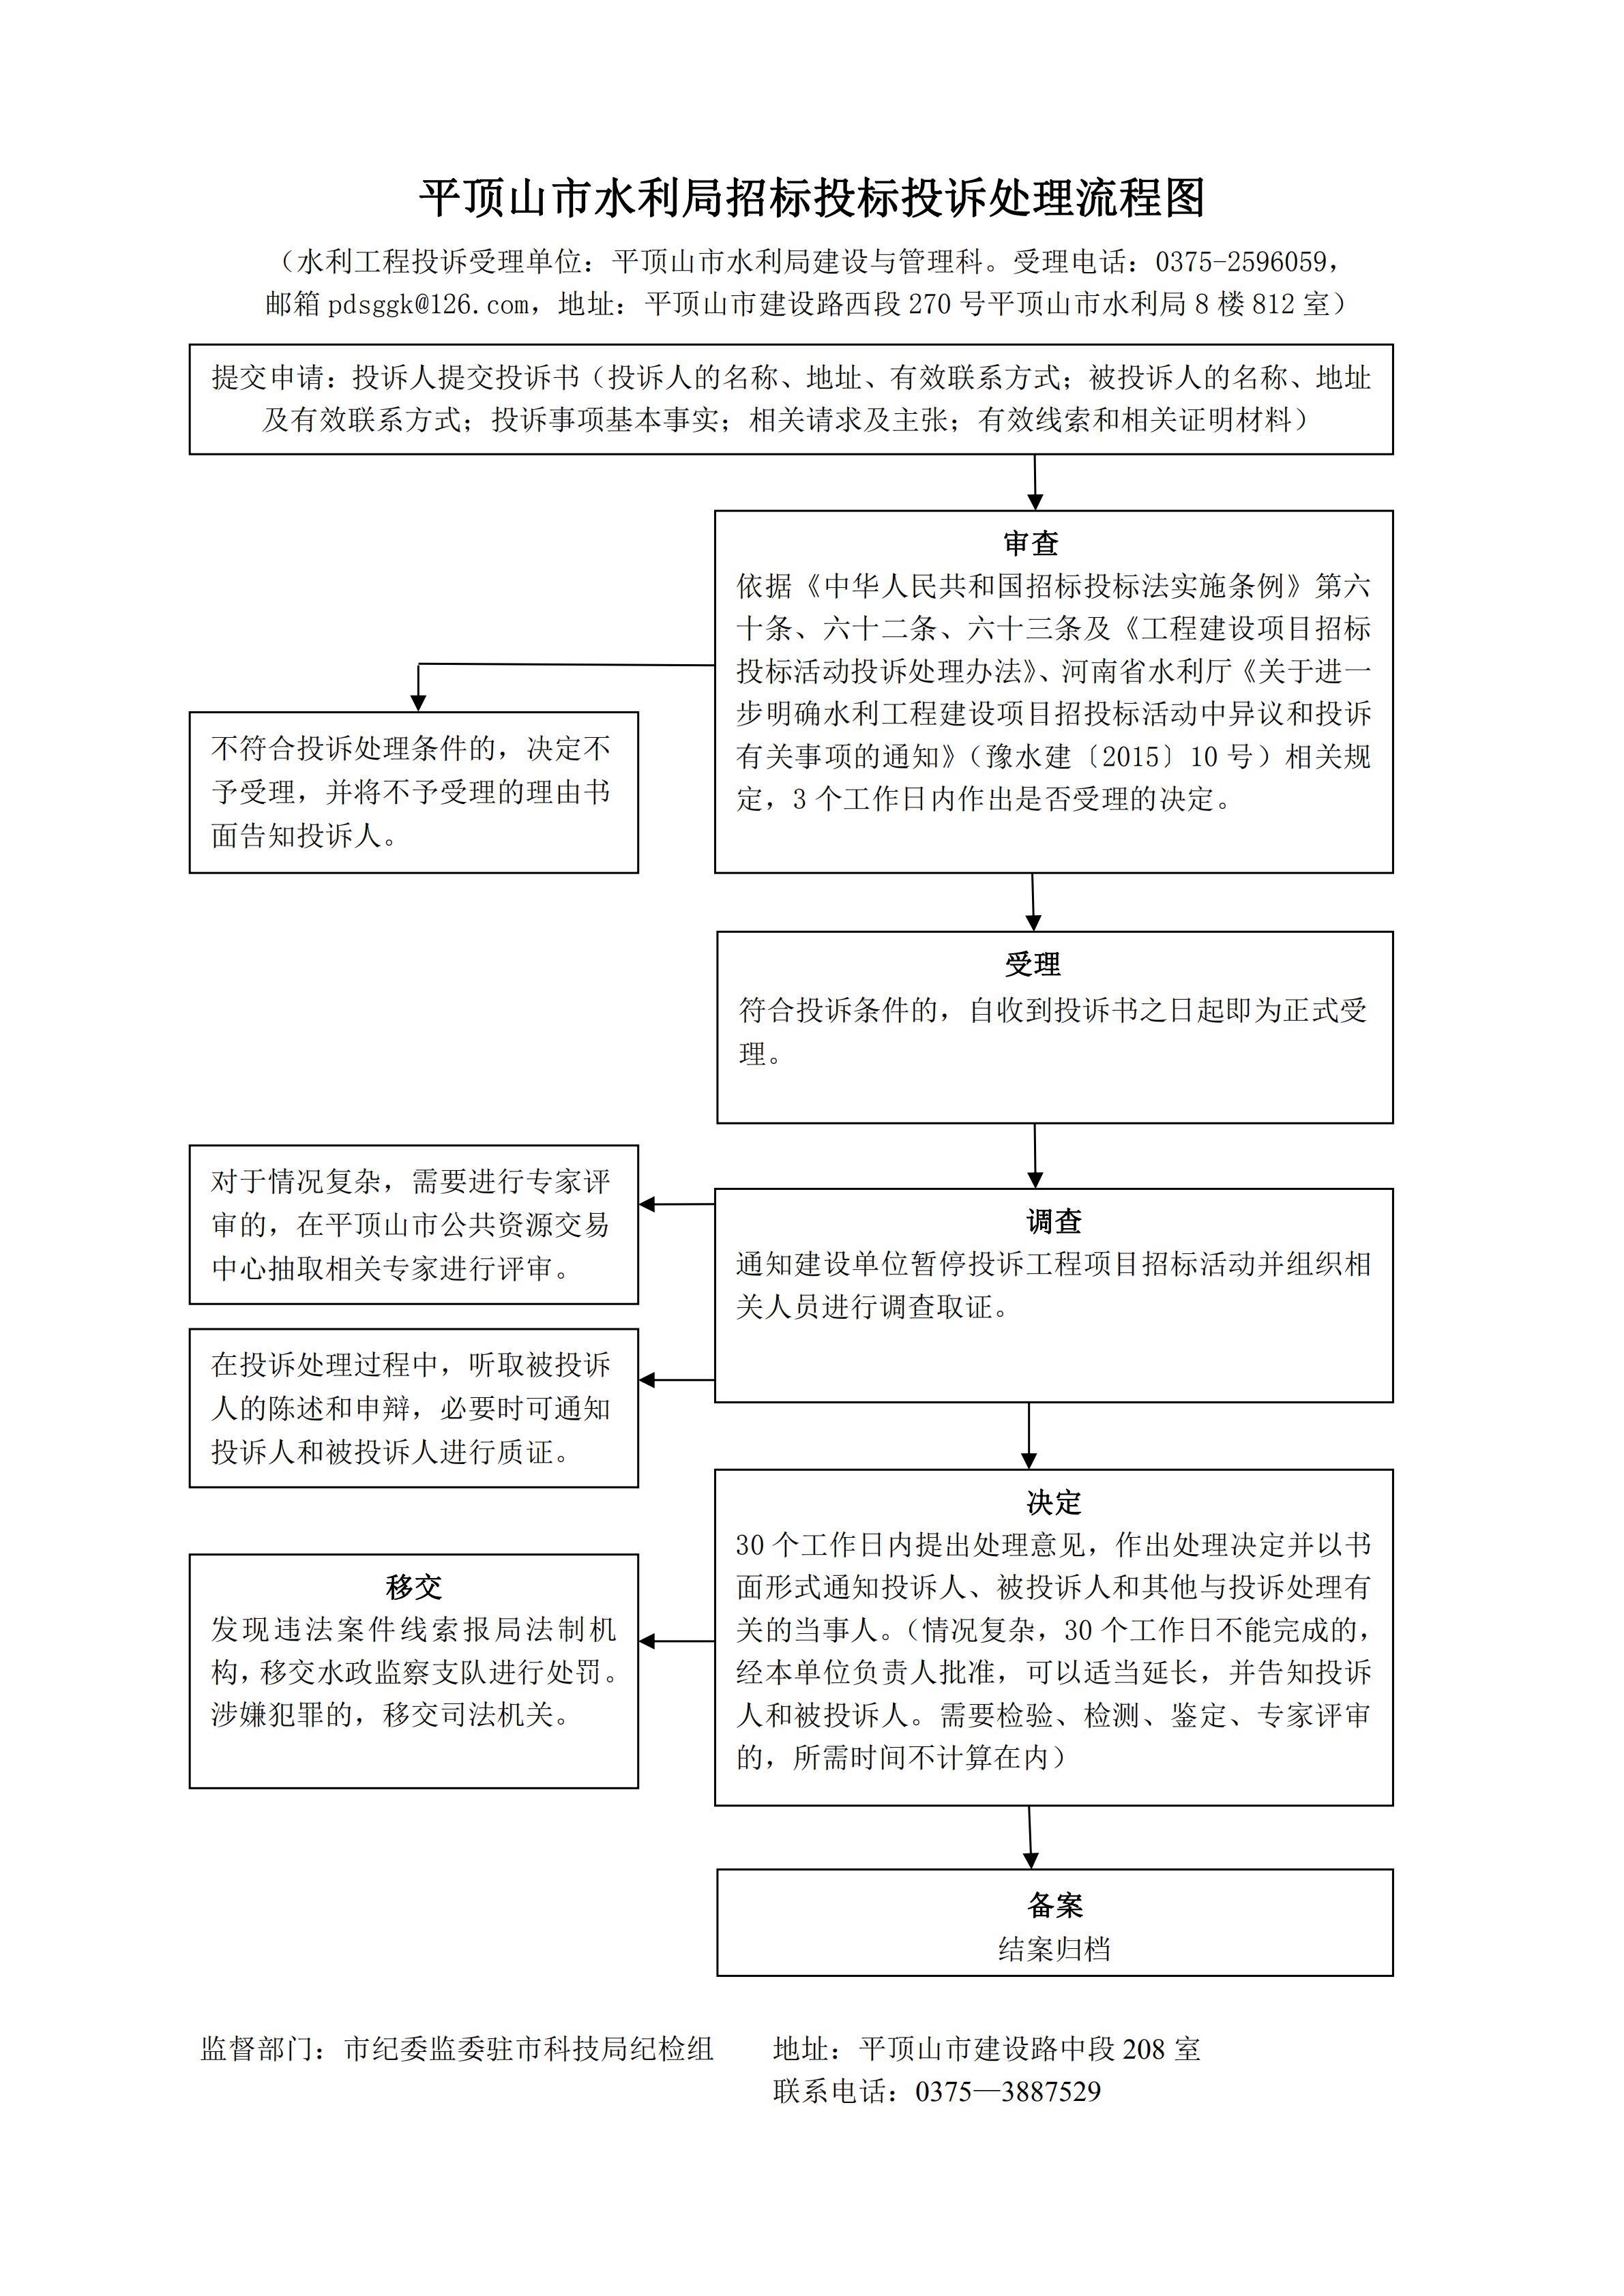 平顶山市水利局招标投标投诉处理流程图(1)_00.jpg